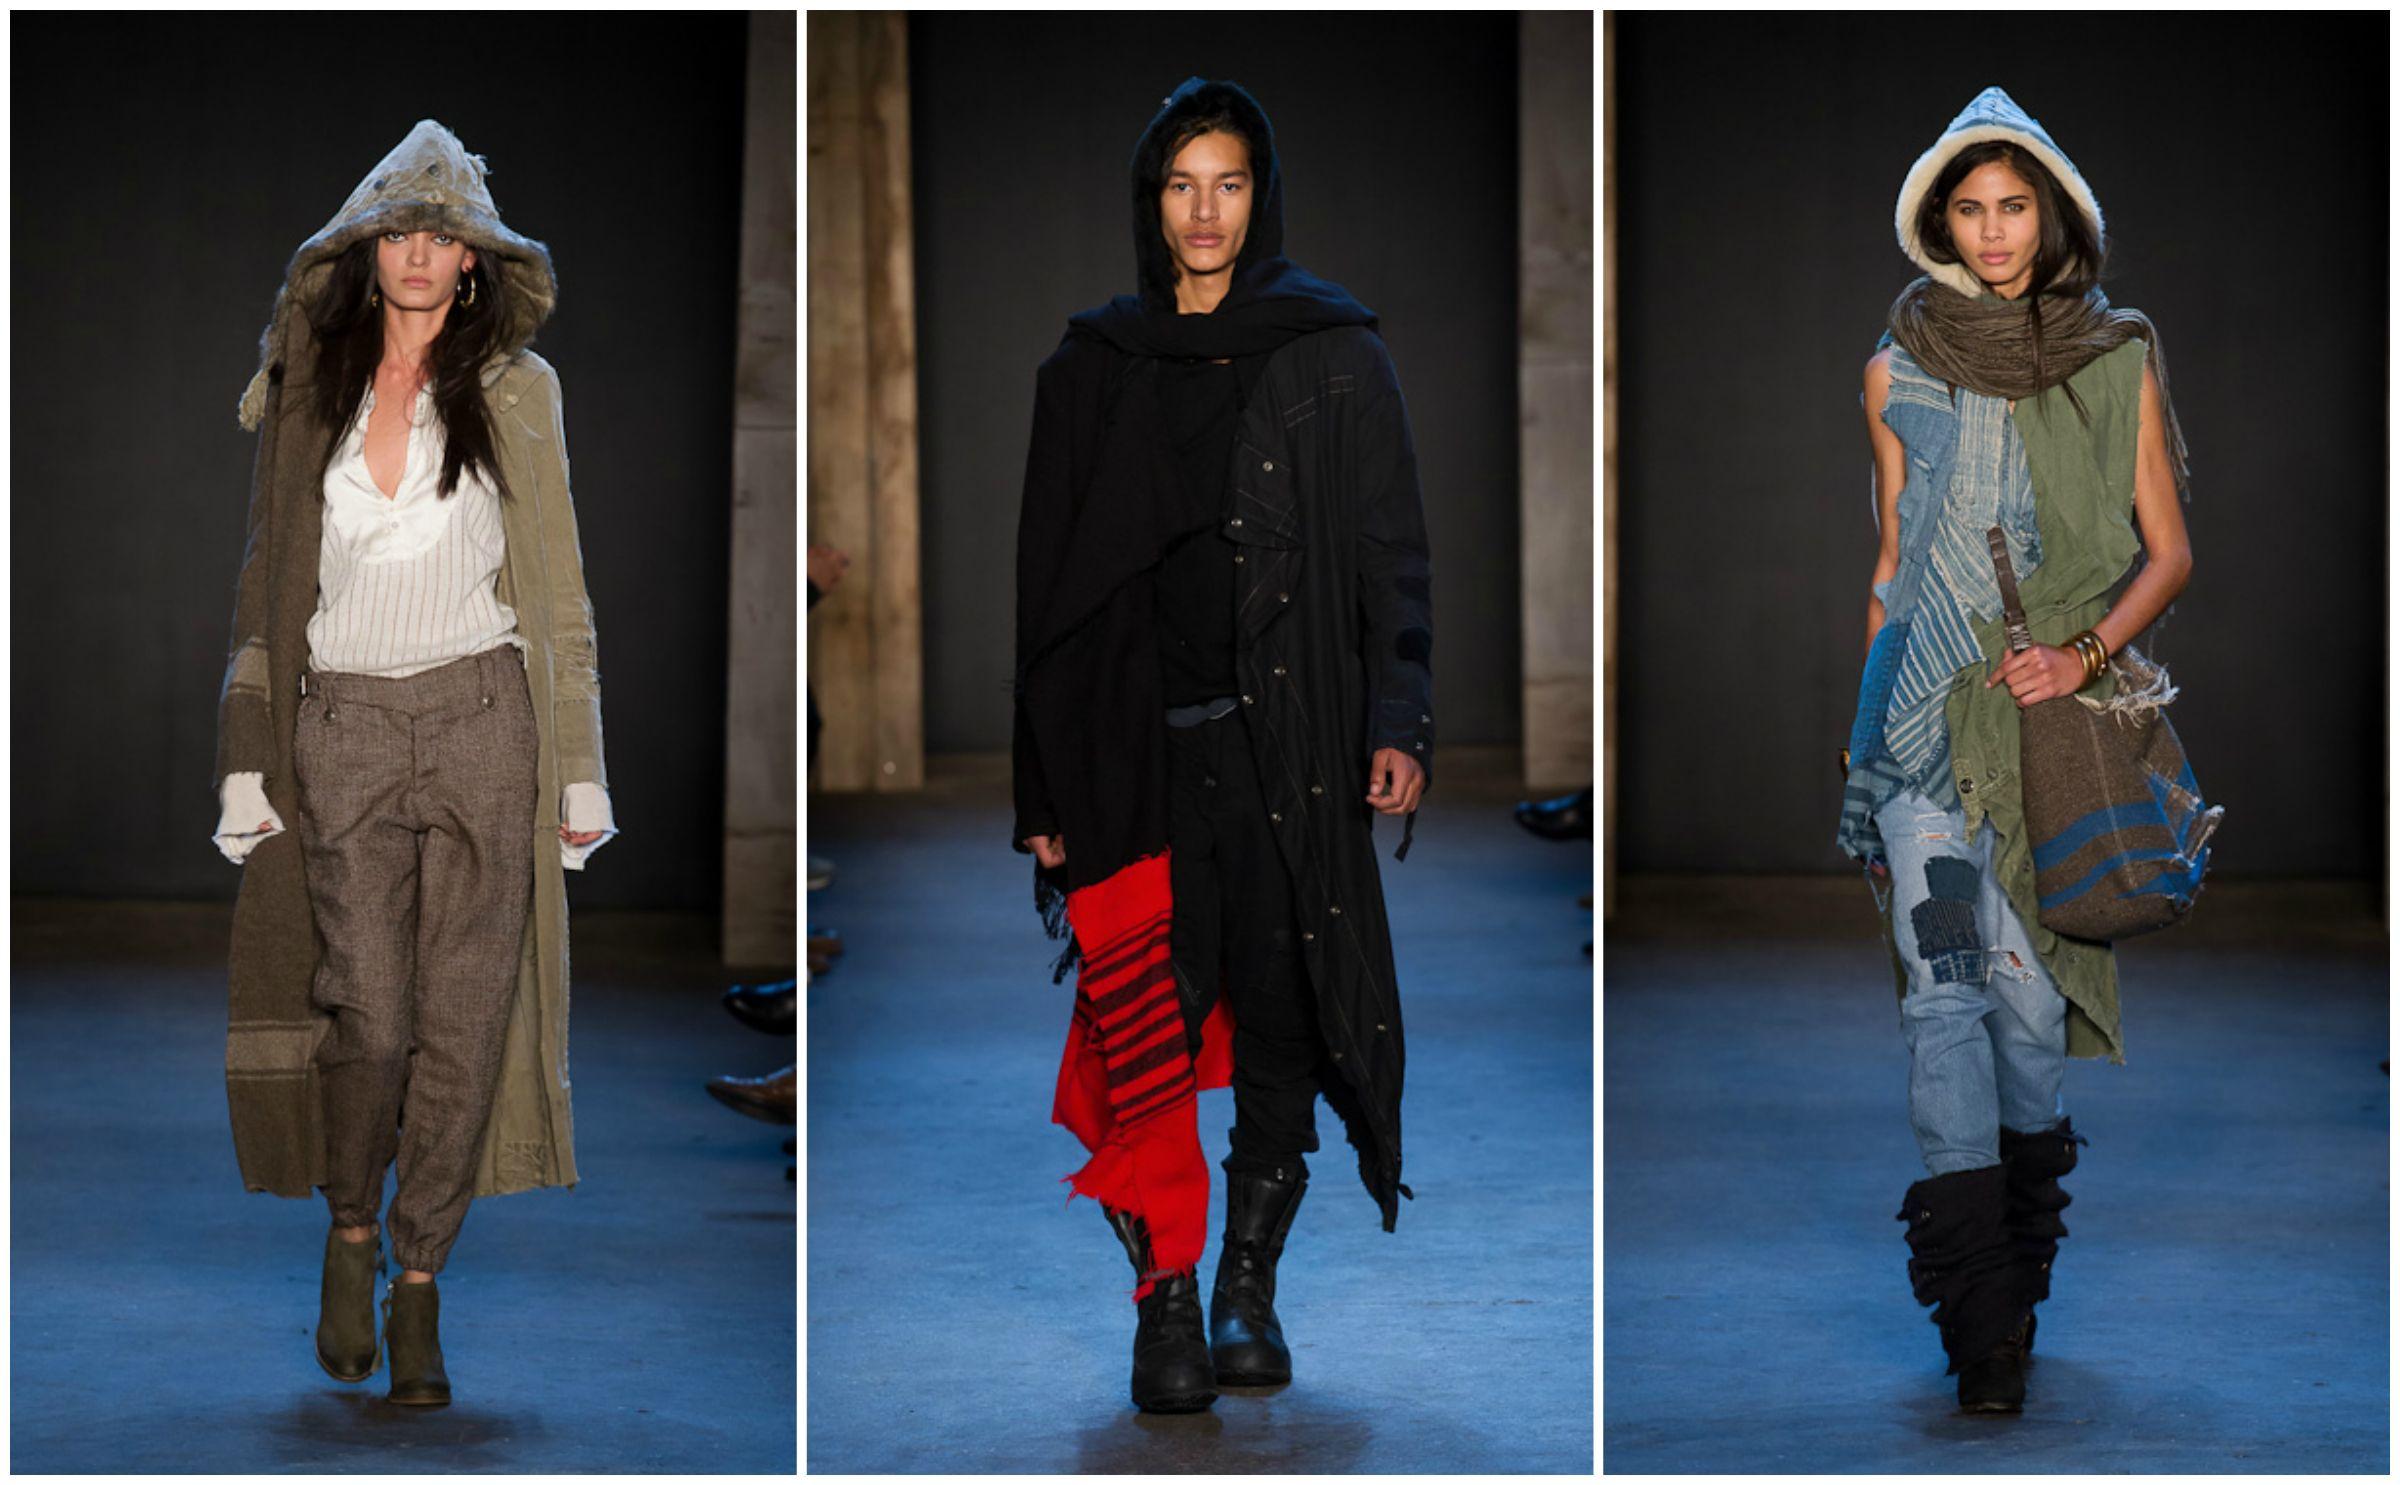 greg lauren, fashion, lifestyle, style, clothing, menswear, womenswear, new york fashion week, nyfw